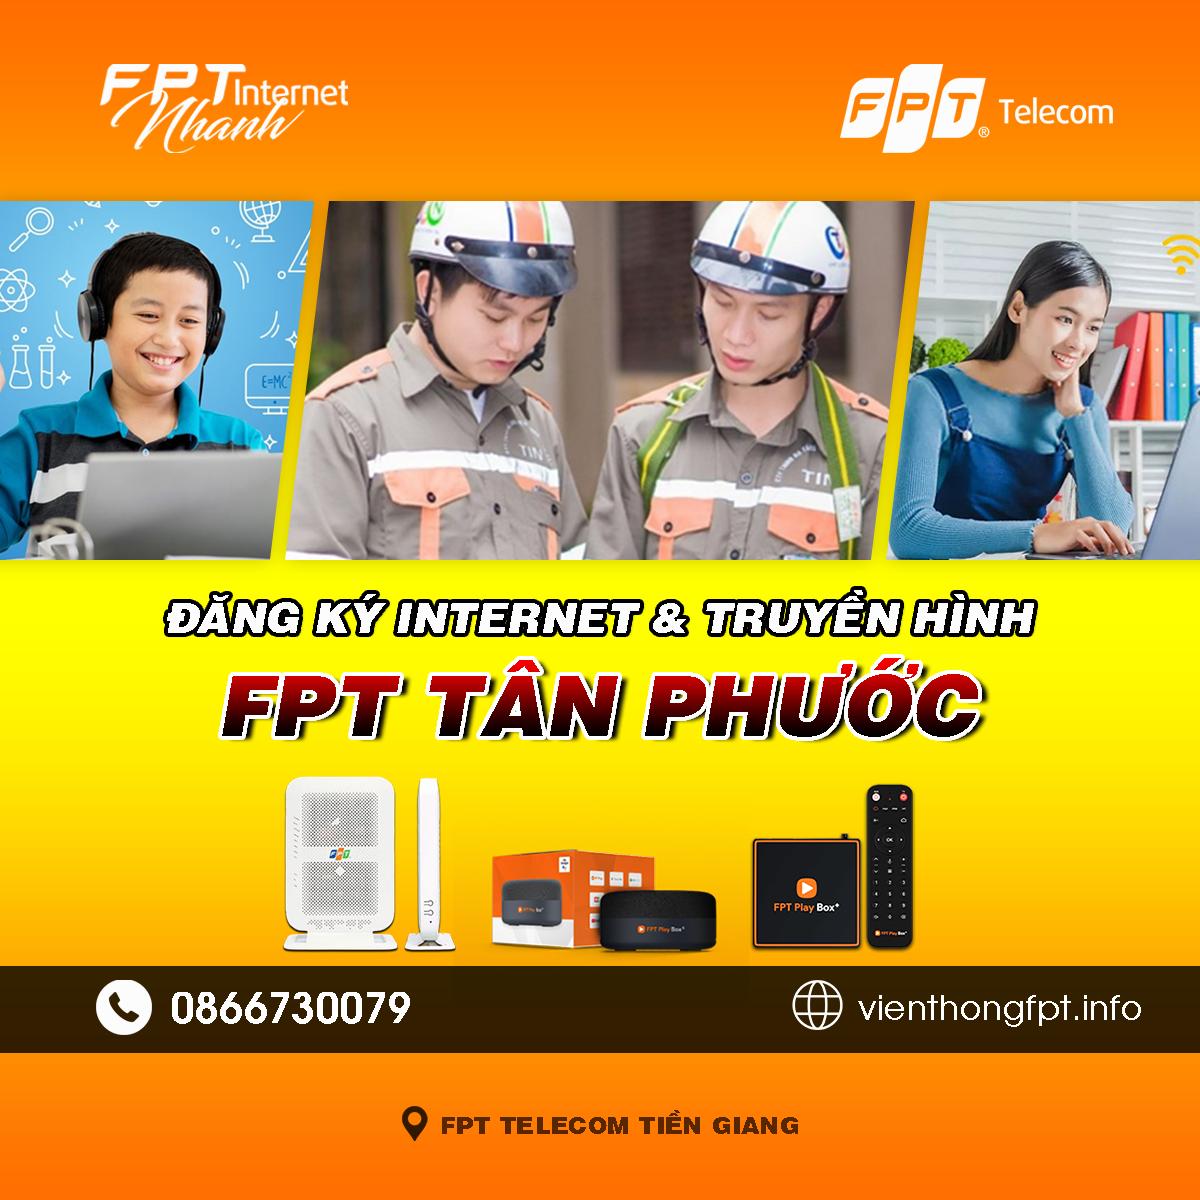 Tổng đài FPT Tân Phước - Đơn vị lắp mạng Internet và Truyền hình FPT